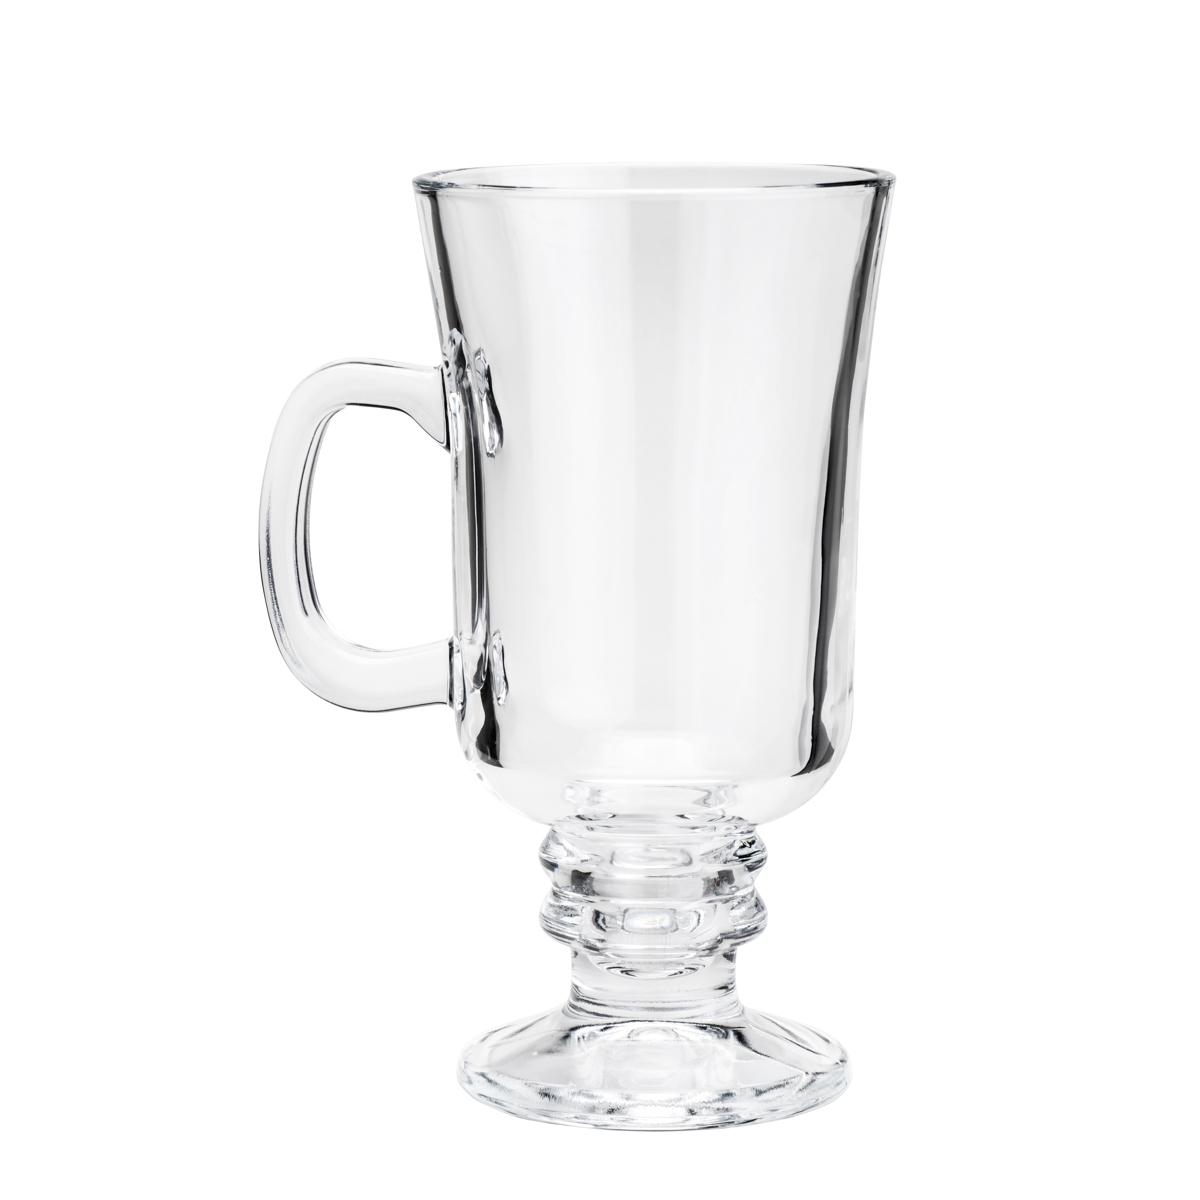 Cj 6 Taças P/ Cappuccino E Pé De Vidro Sodo-Cálcico 114Ml